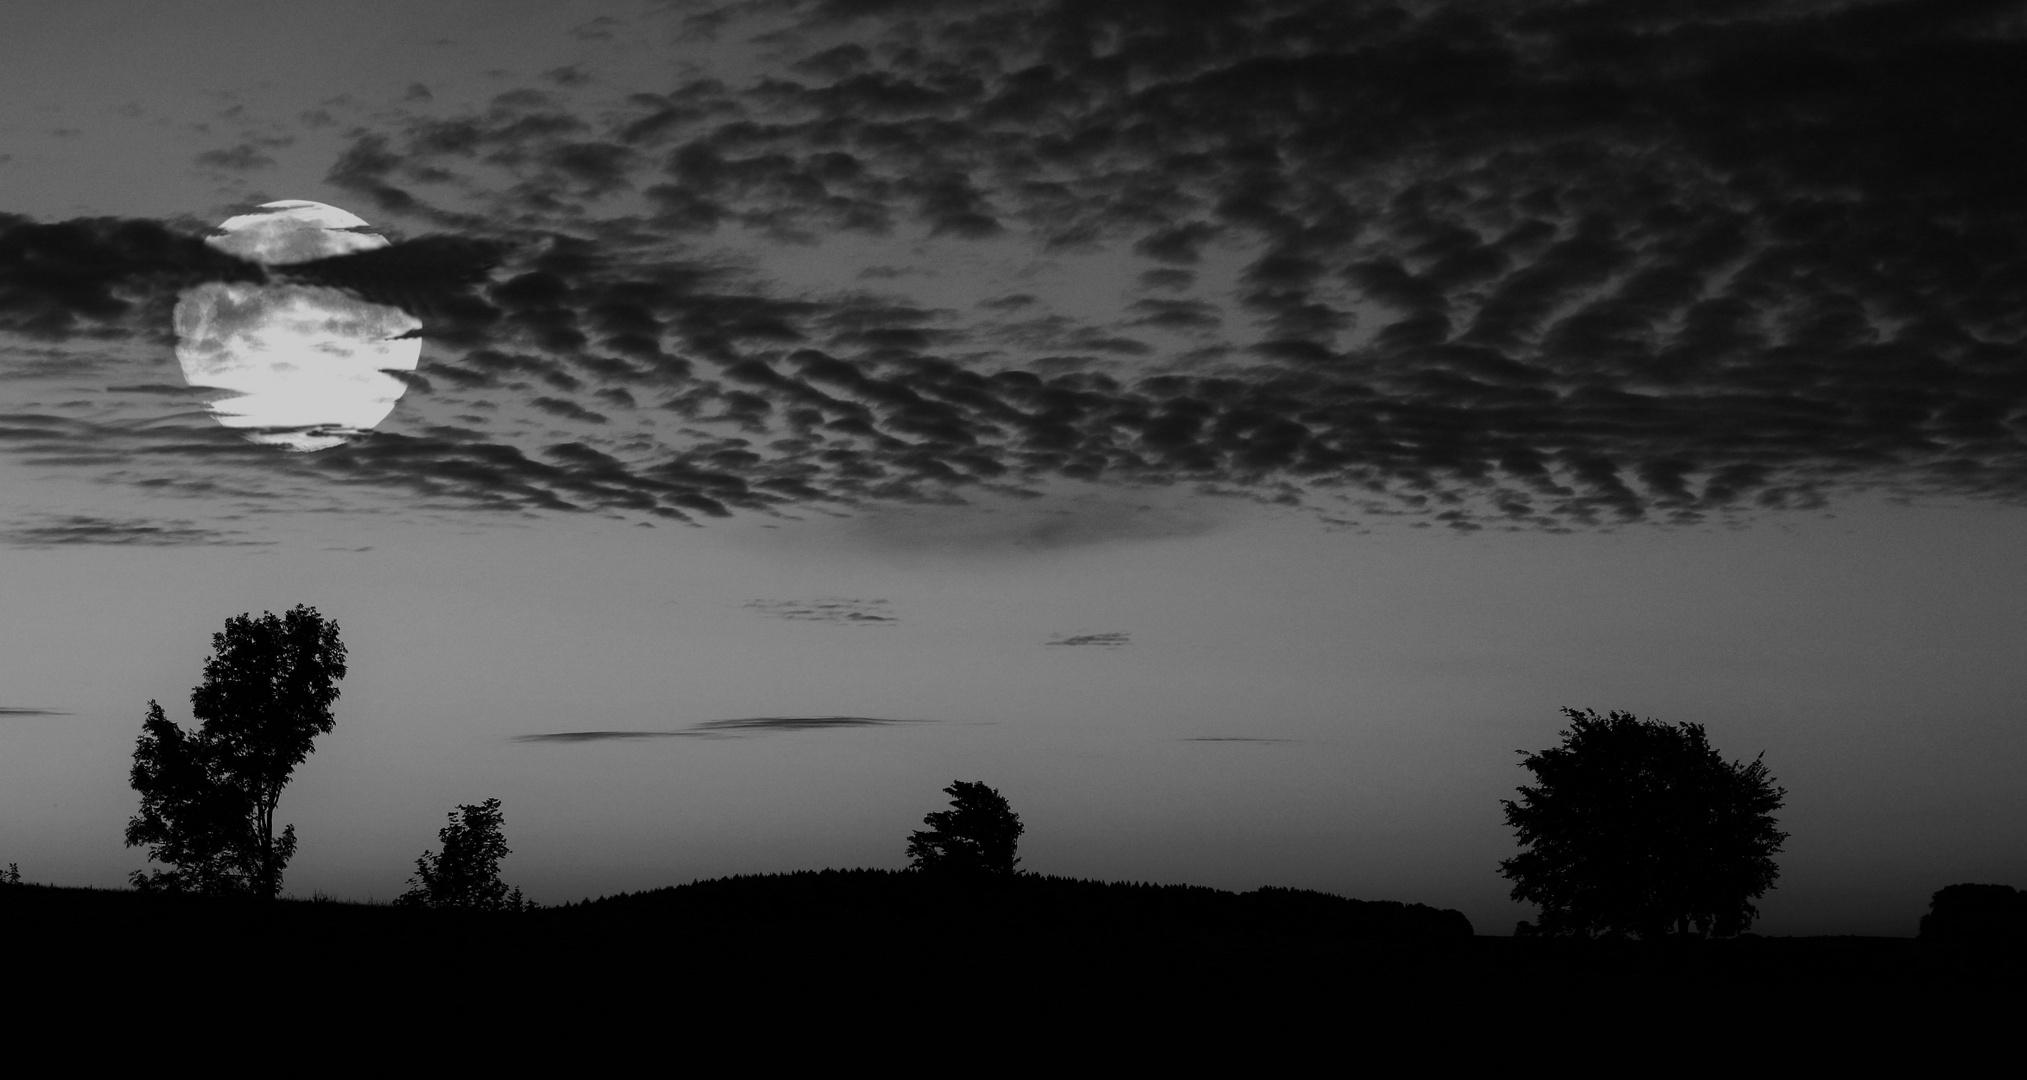 -- Silence --